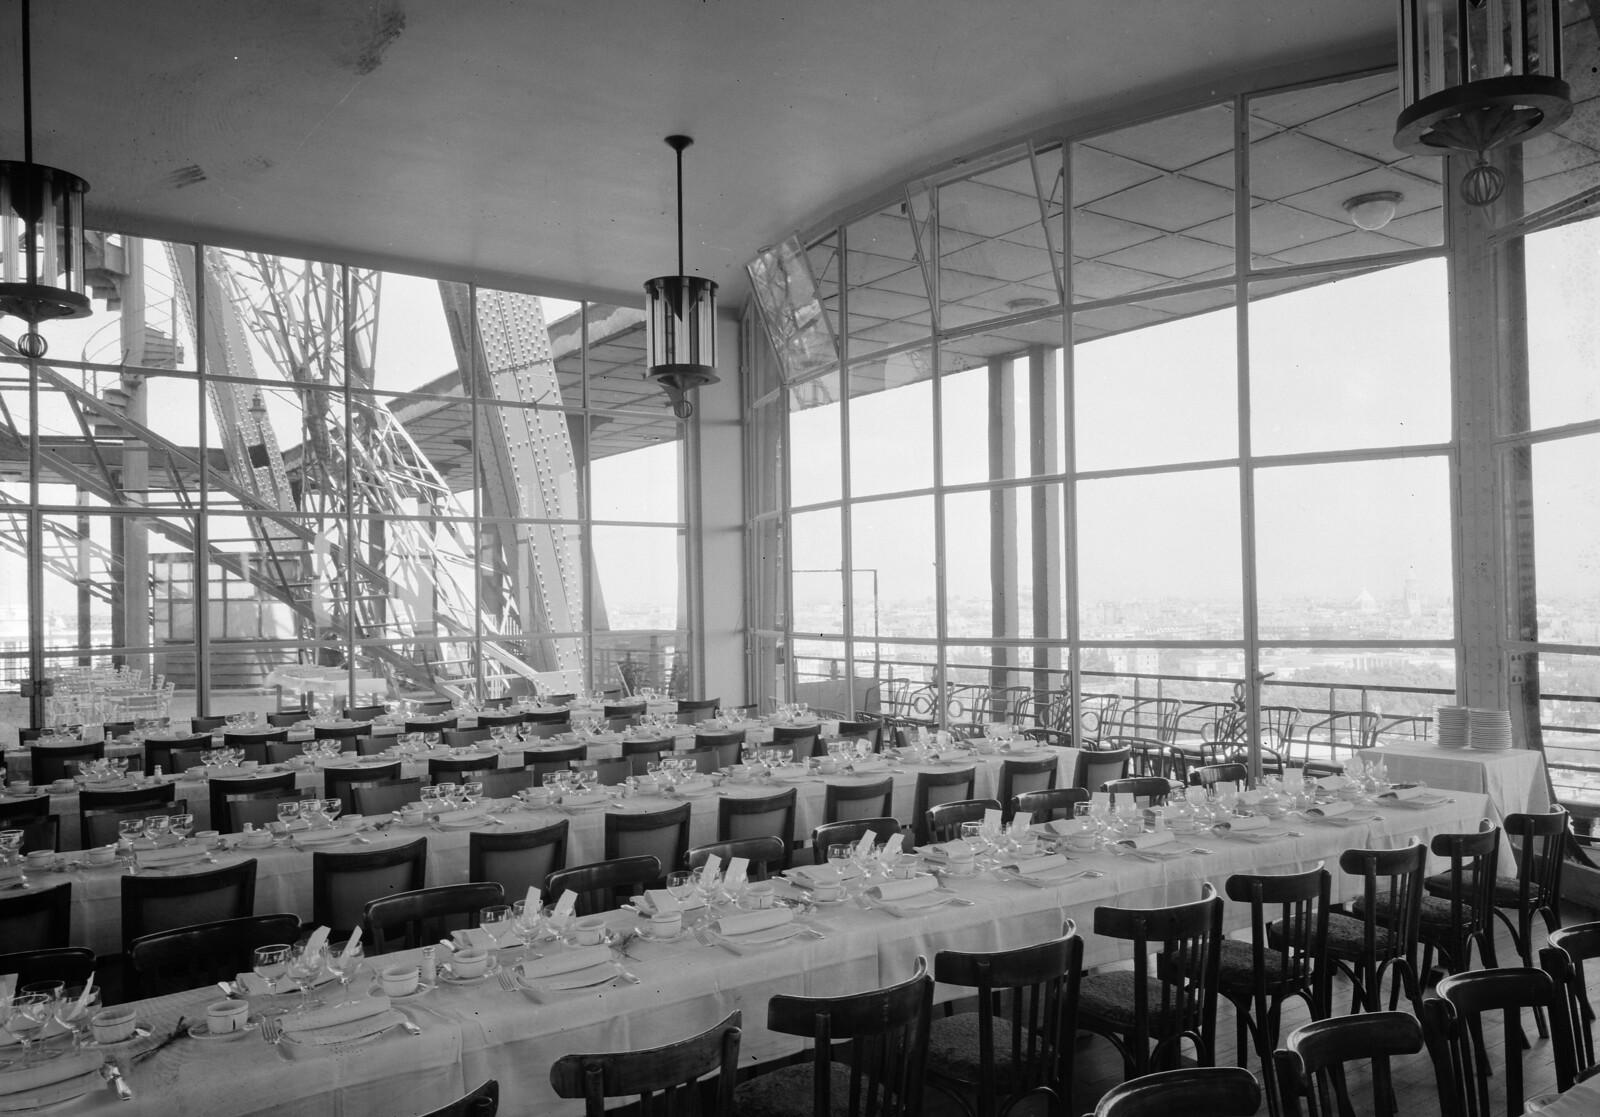 04. Эйфелева башня. Ресторанный зал на втором этаже. 7 округ